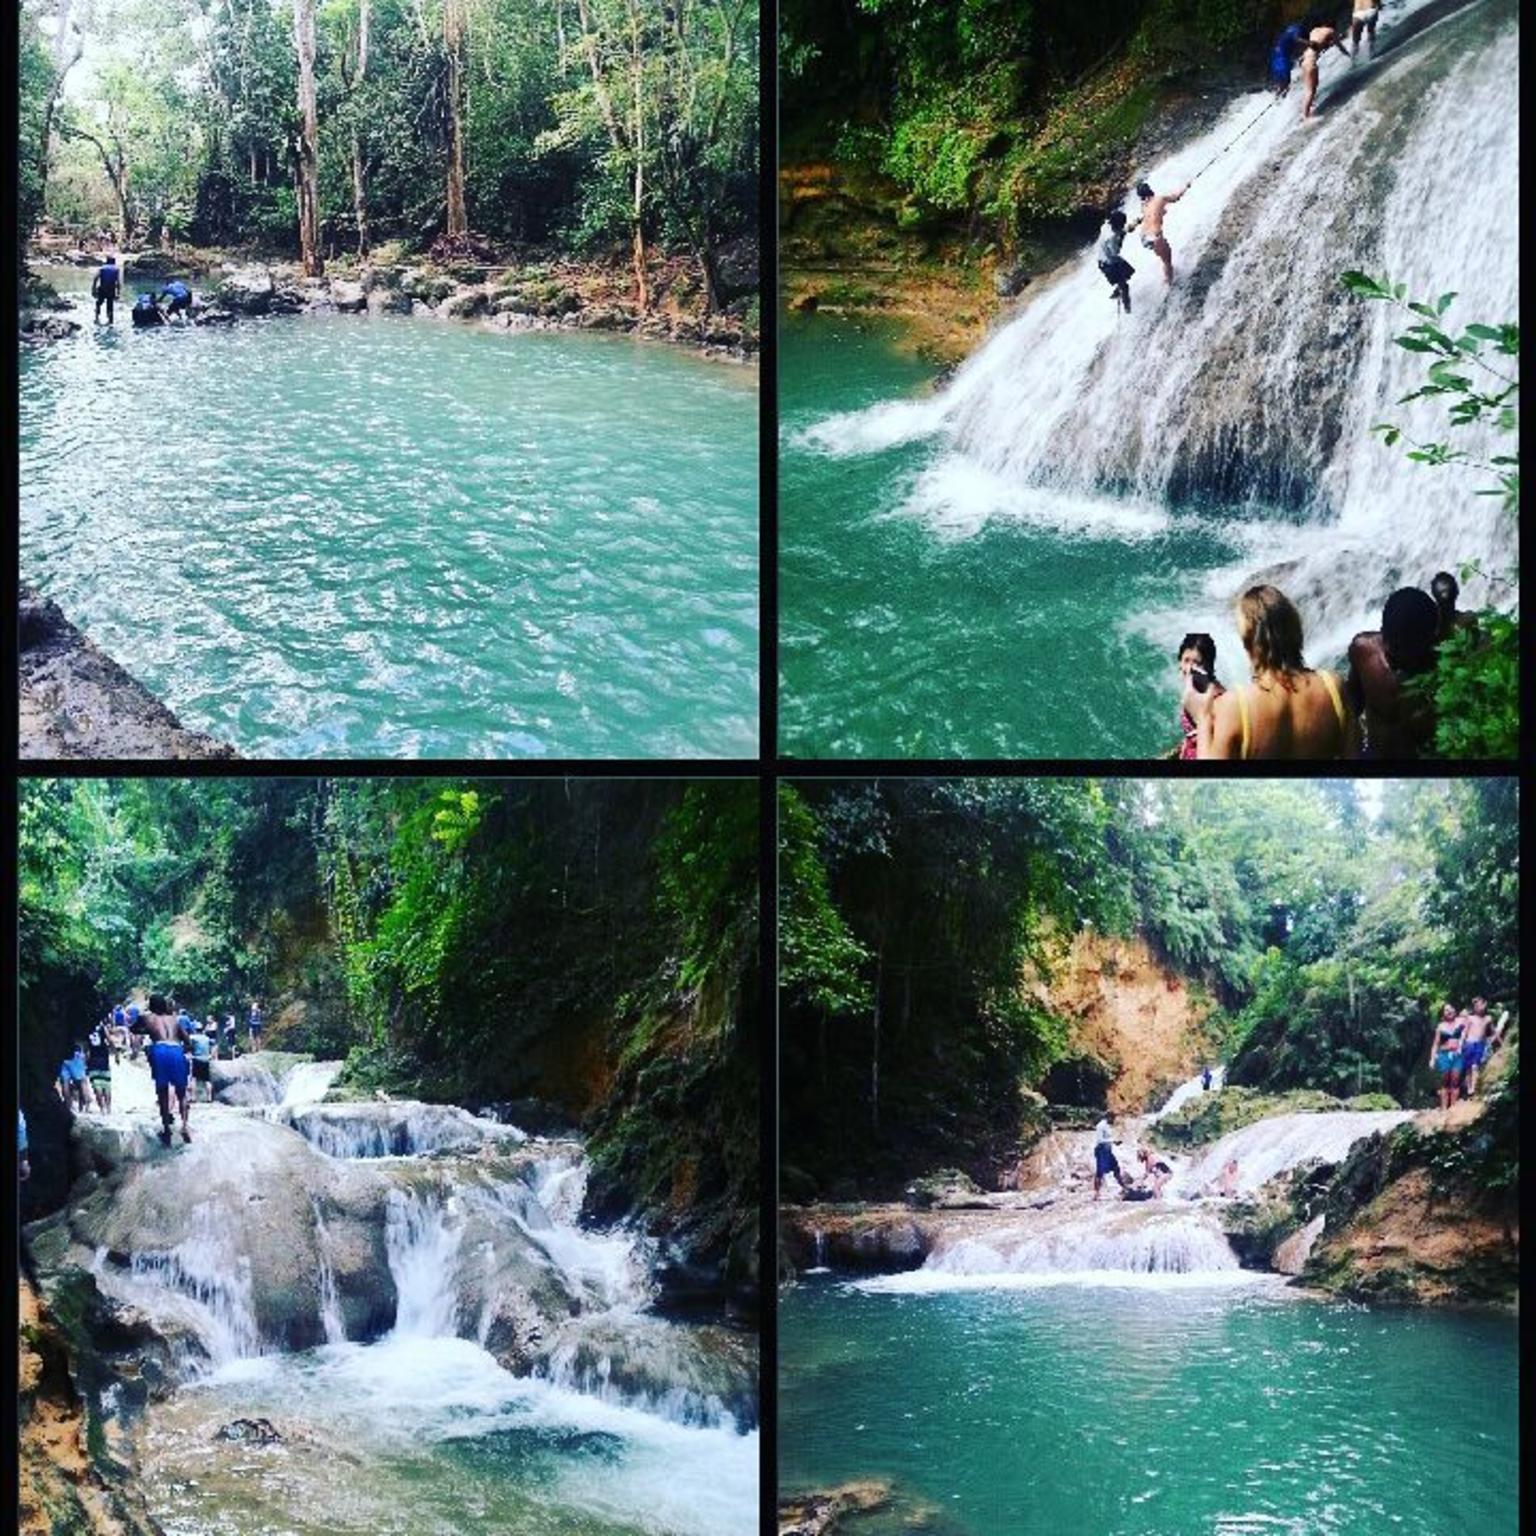 MAIS FOTOS, Combo de excursões particulares em Blue Hole e Parque das Cataratas Konoko